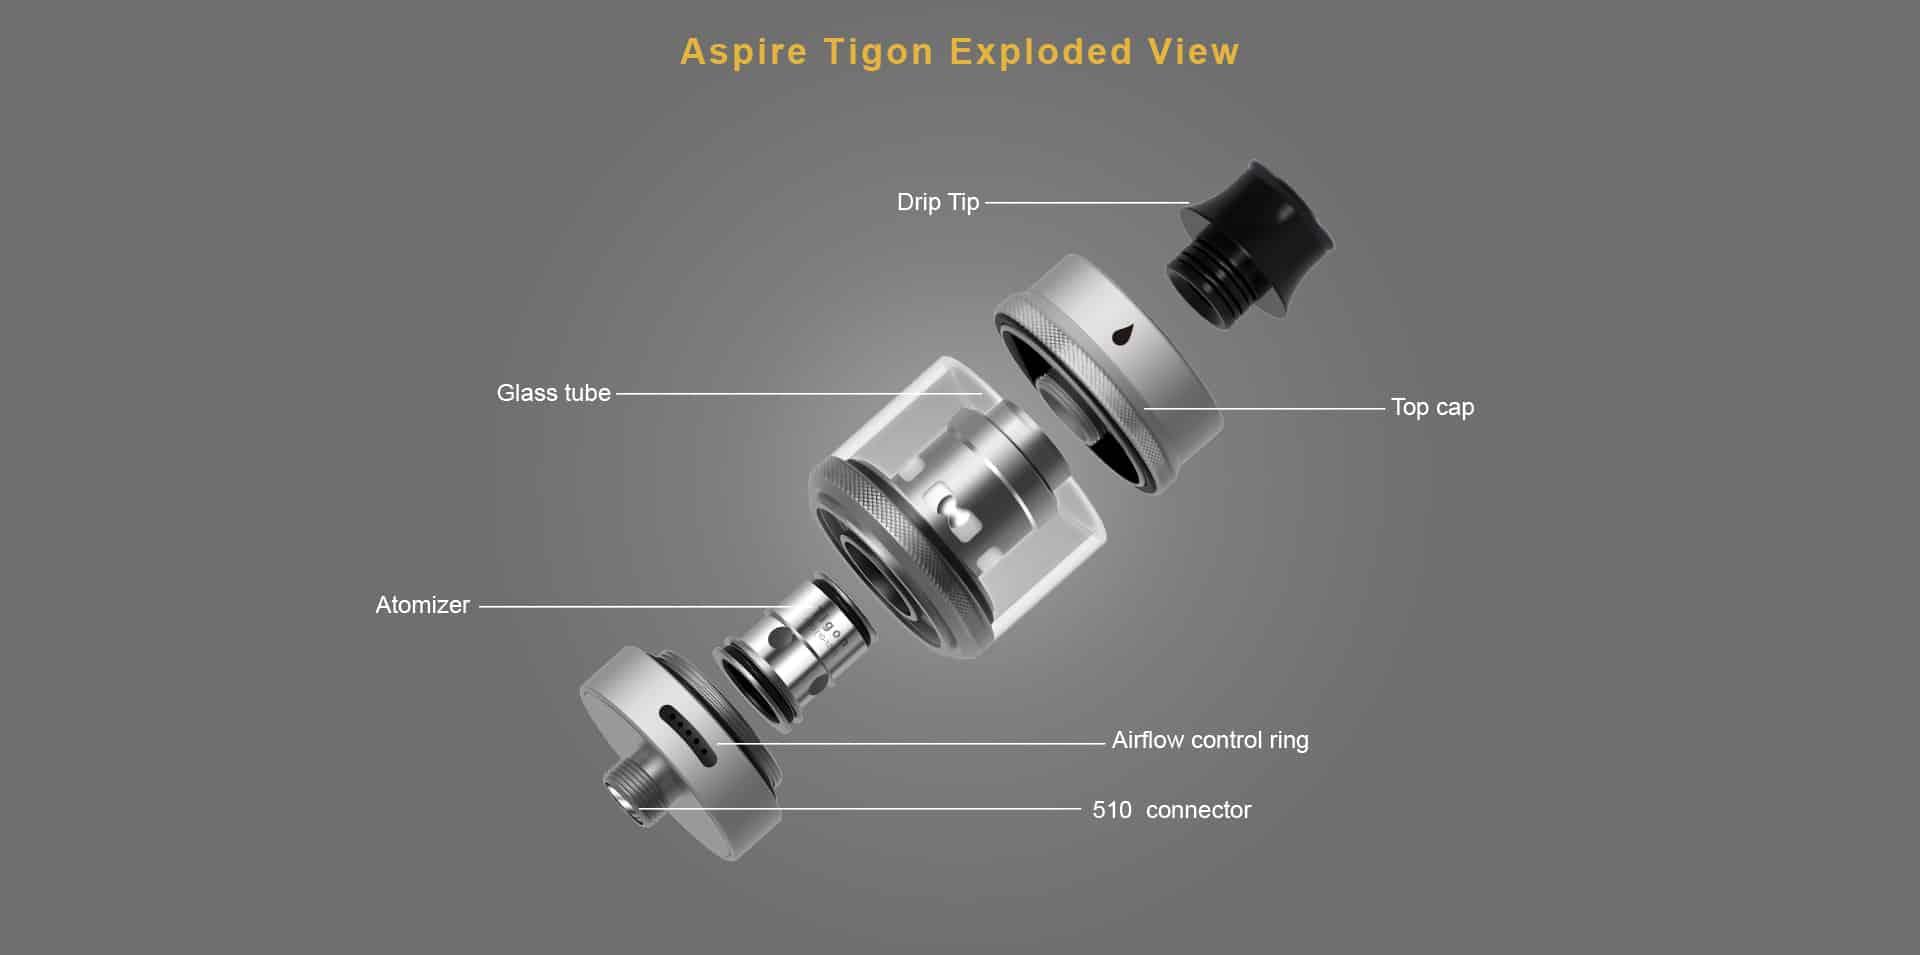 TIGON3 - Aspire Tigon Tank 2ml